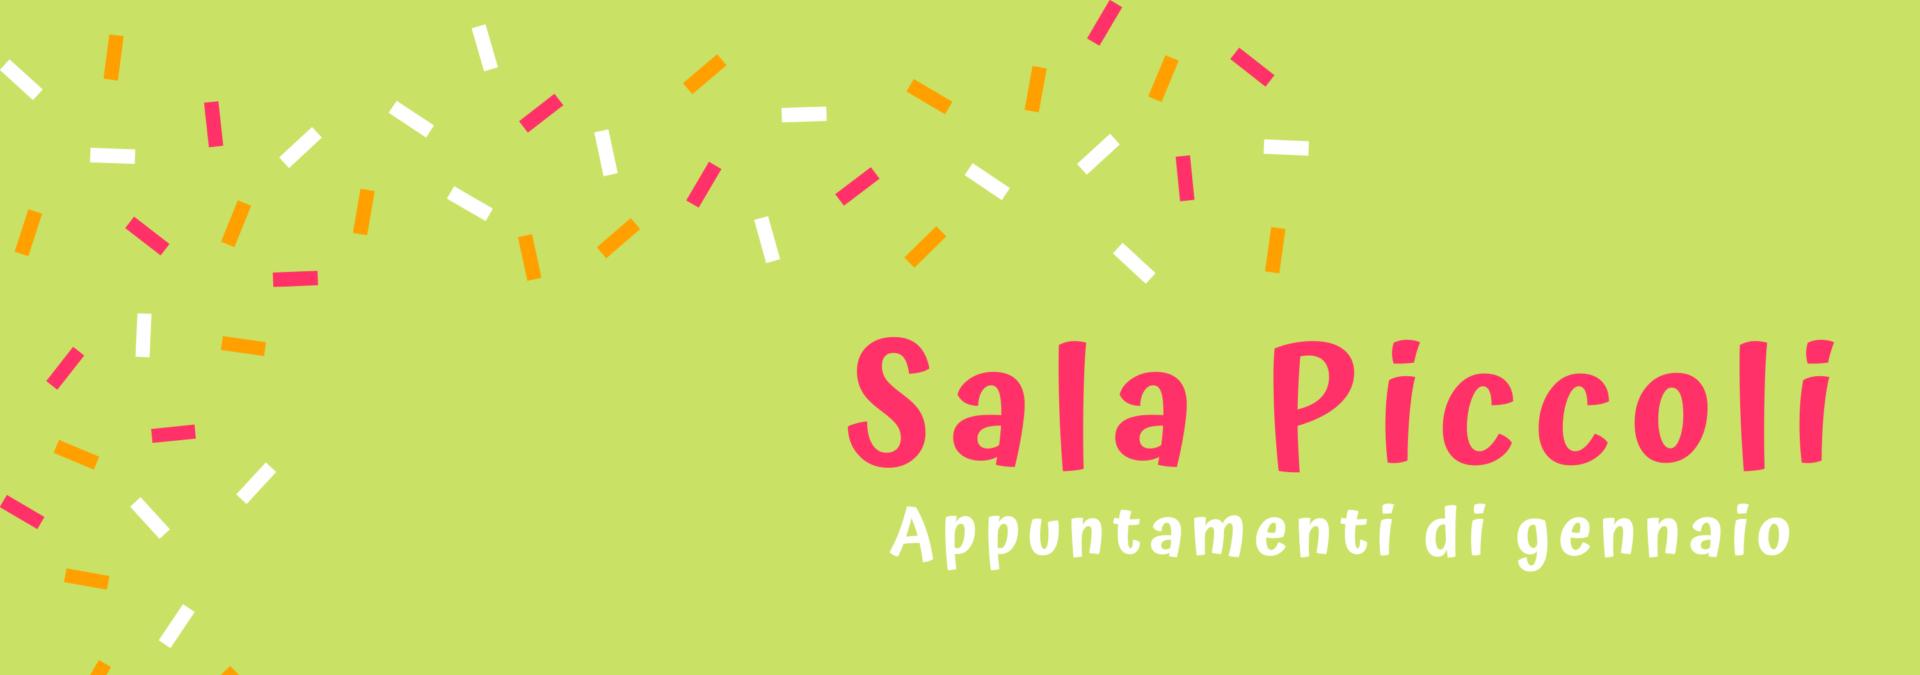 Appuntamenti di gennaio in Sala Piccoli